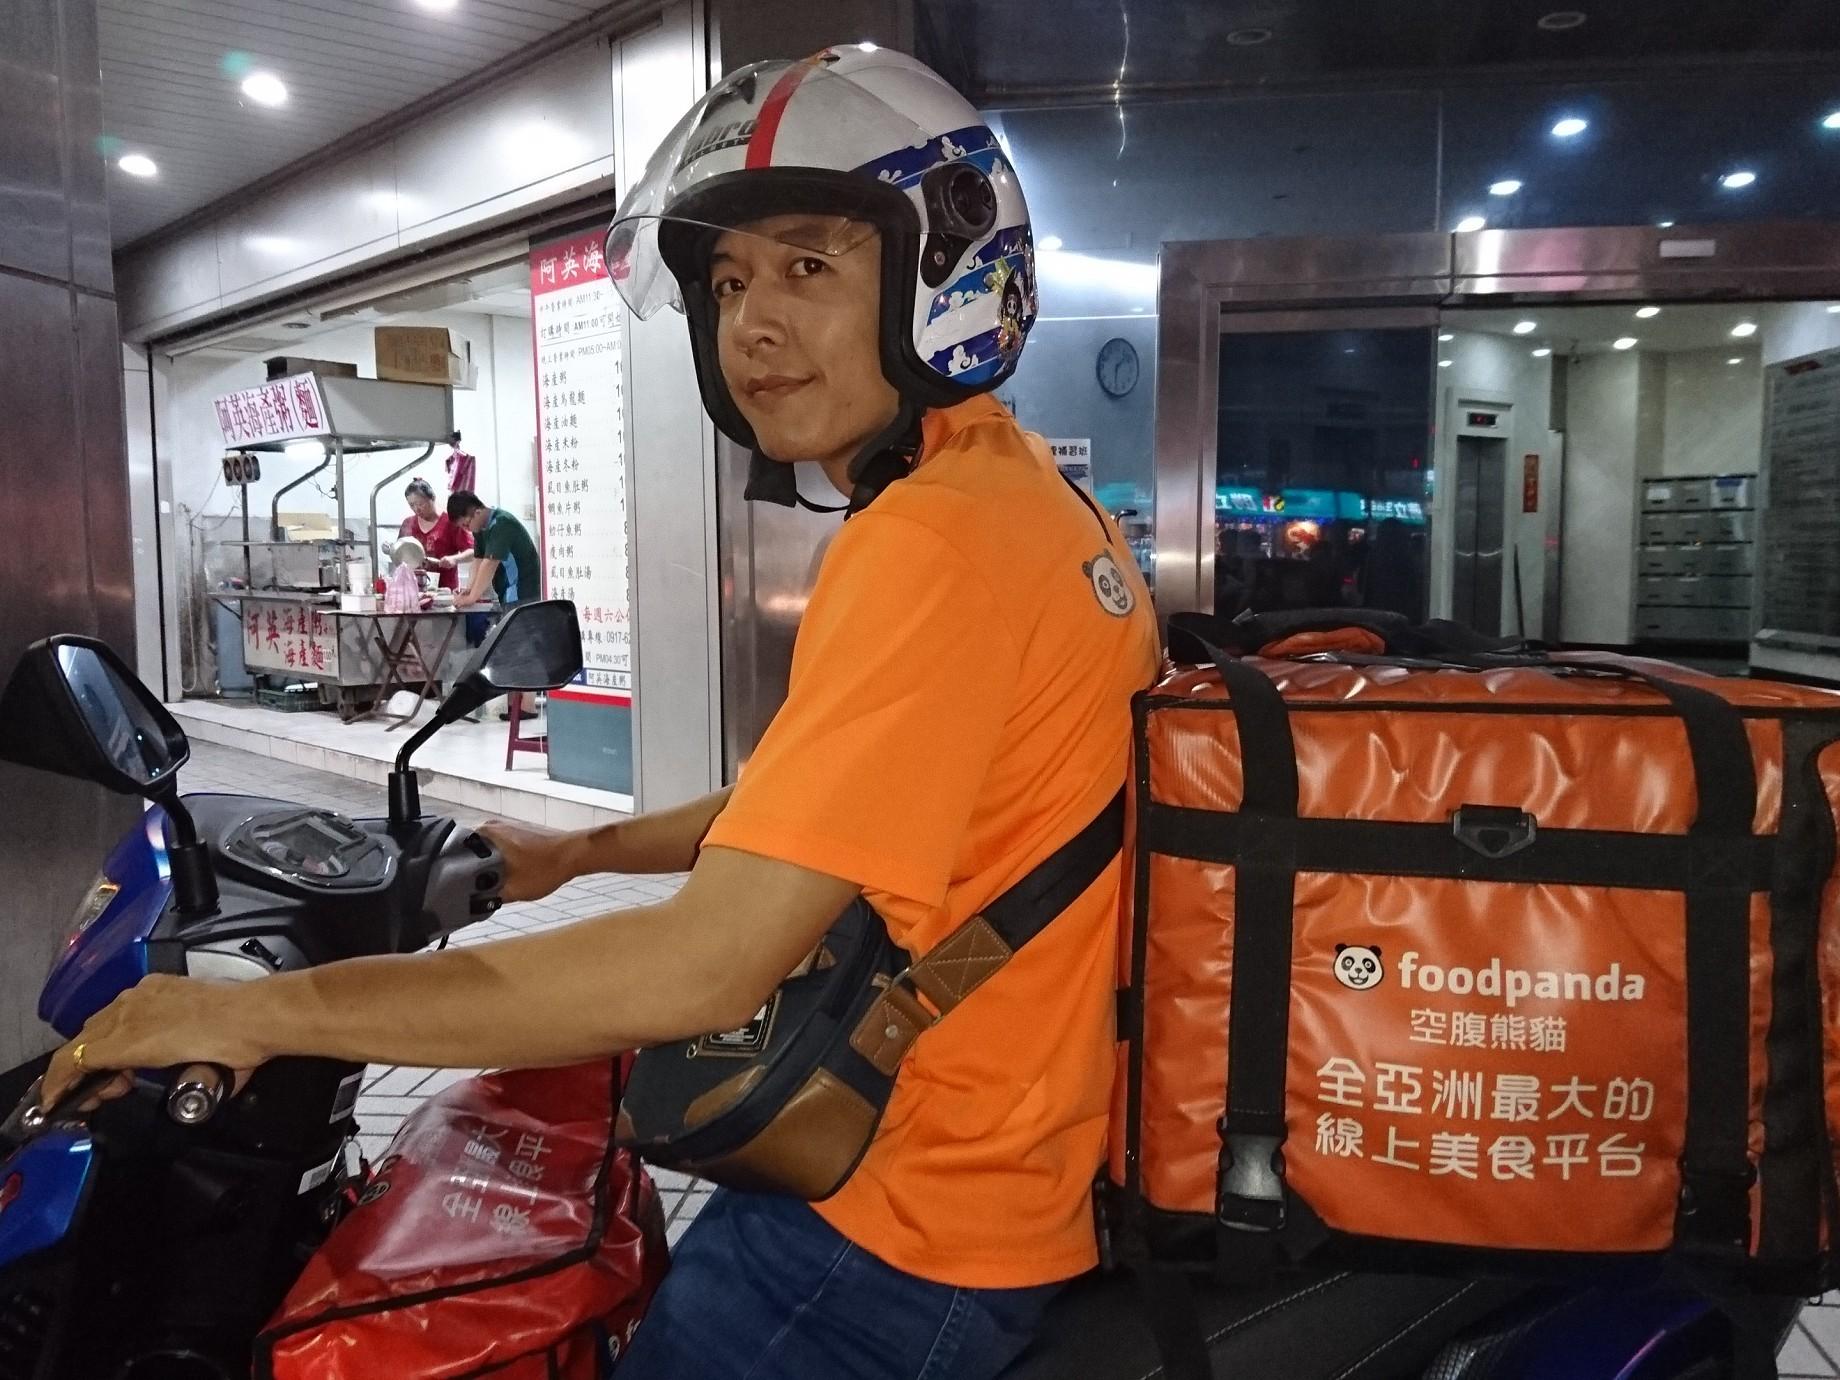 周禎洋(foodpanda台灣區董事長暨執行長):串接餐飲外送O2O服務的3大秘訣